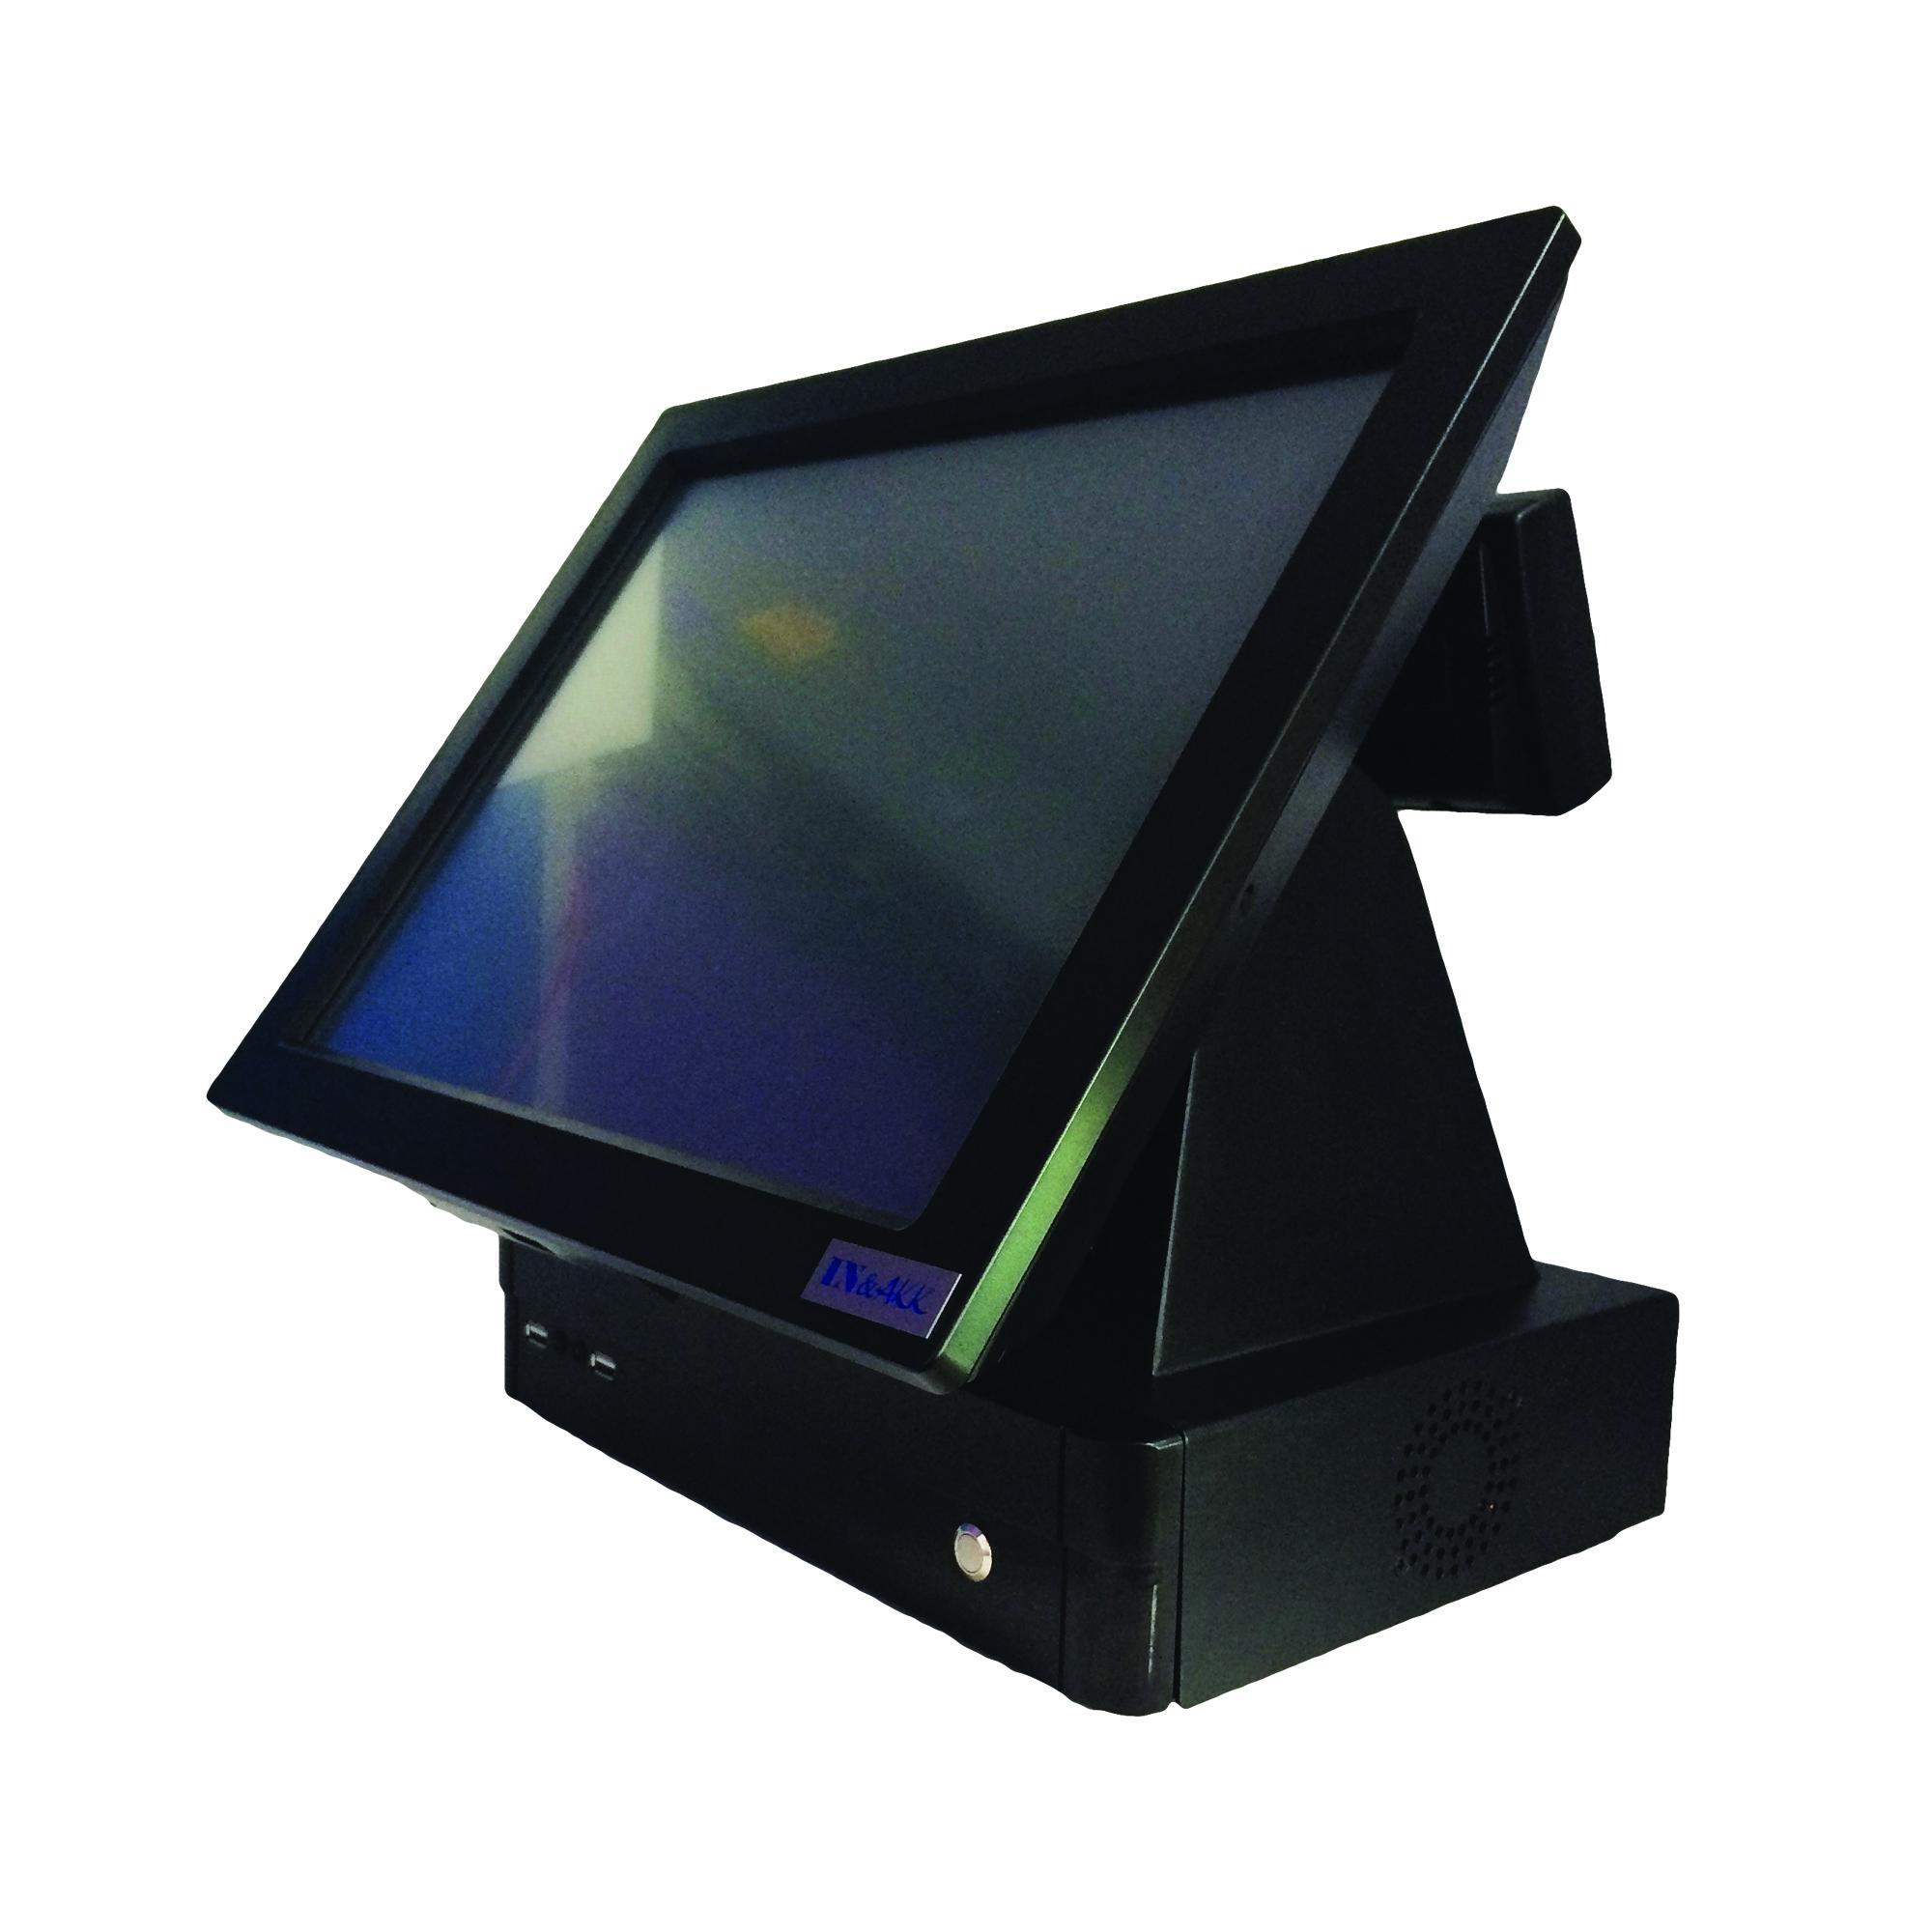 """คอมพิวเตอร์ระบบสัมผัส 15 นิ้ว Medium Duty สีดำ รุ่น IN-15ED+จอแสดงราคาลูกค้า(All in One Touchscreen POS 15"""")"""